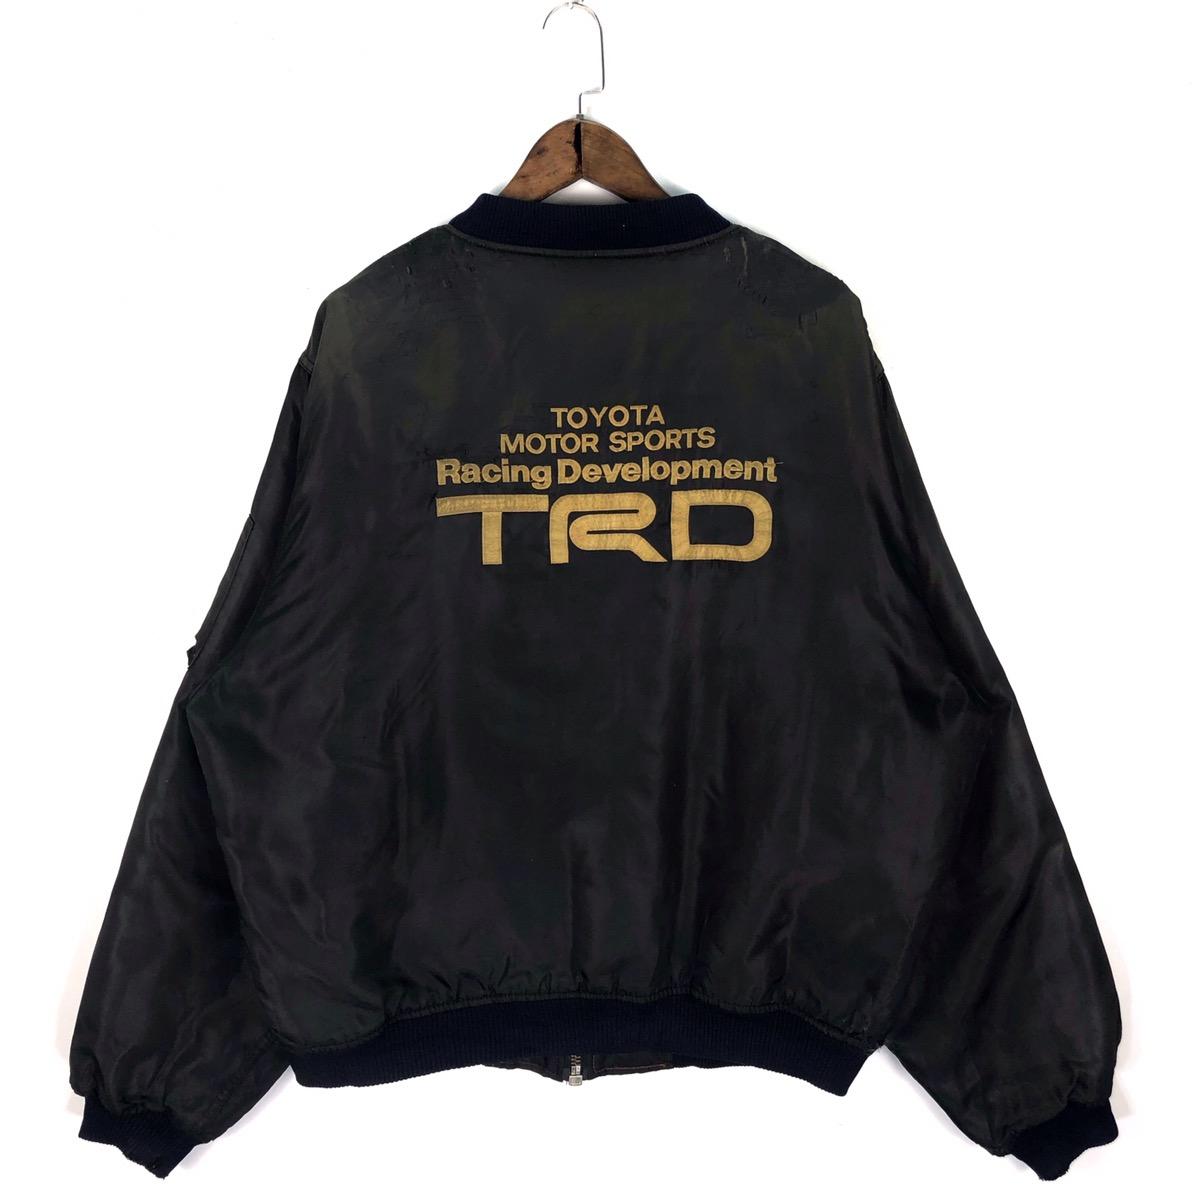 Vintage Vintage Toyota Motorsport Trd Racing Bomber Jacket Grailed